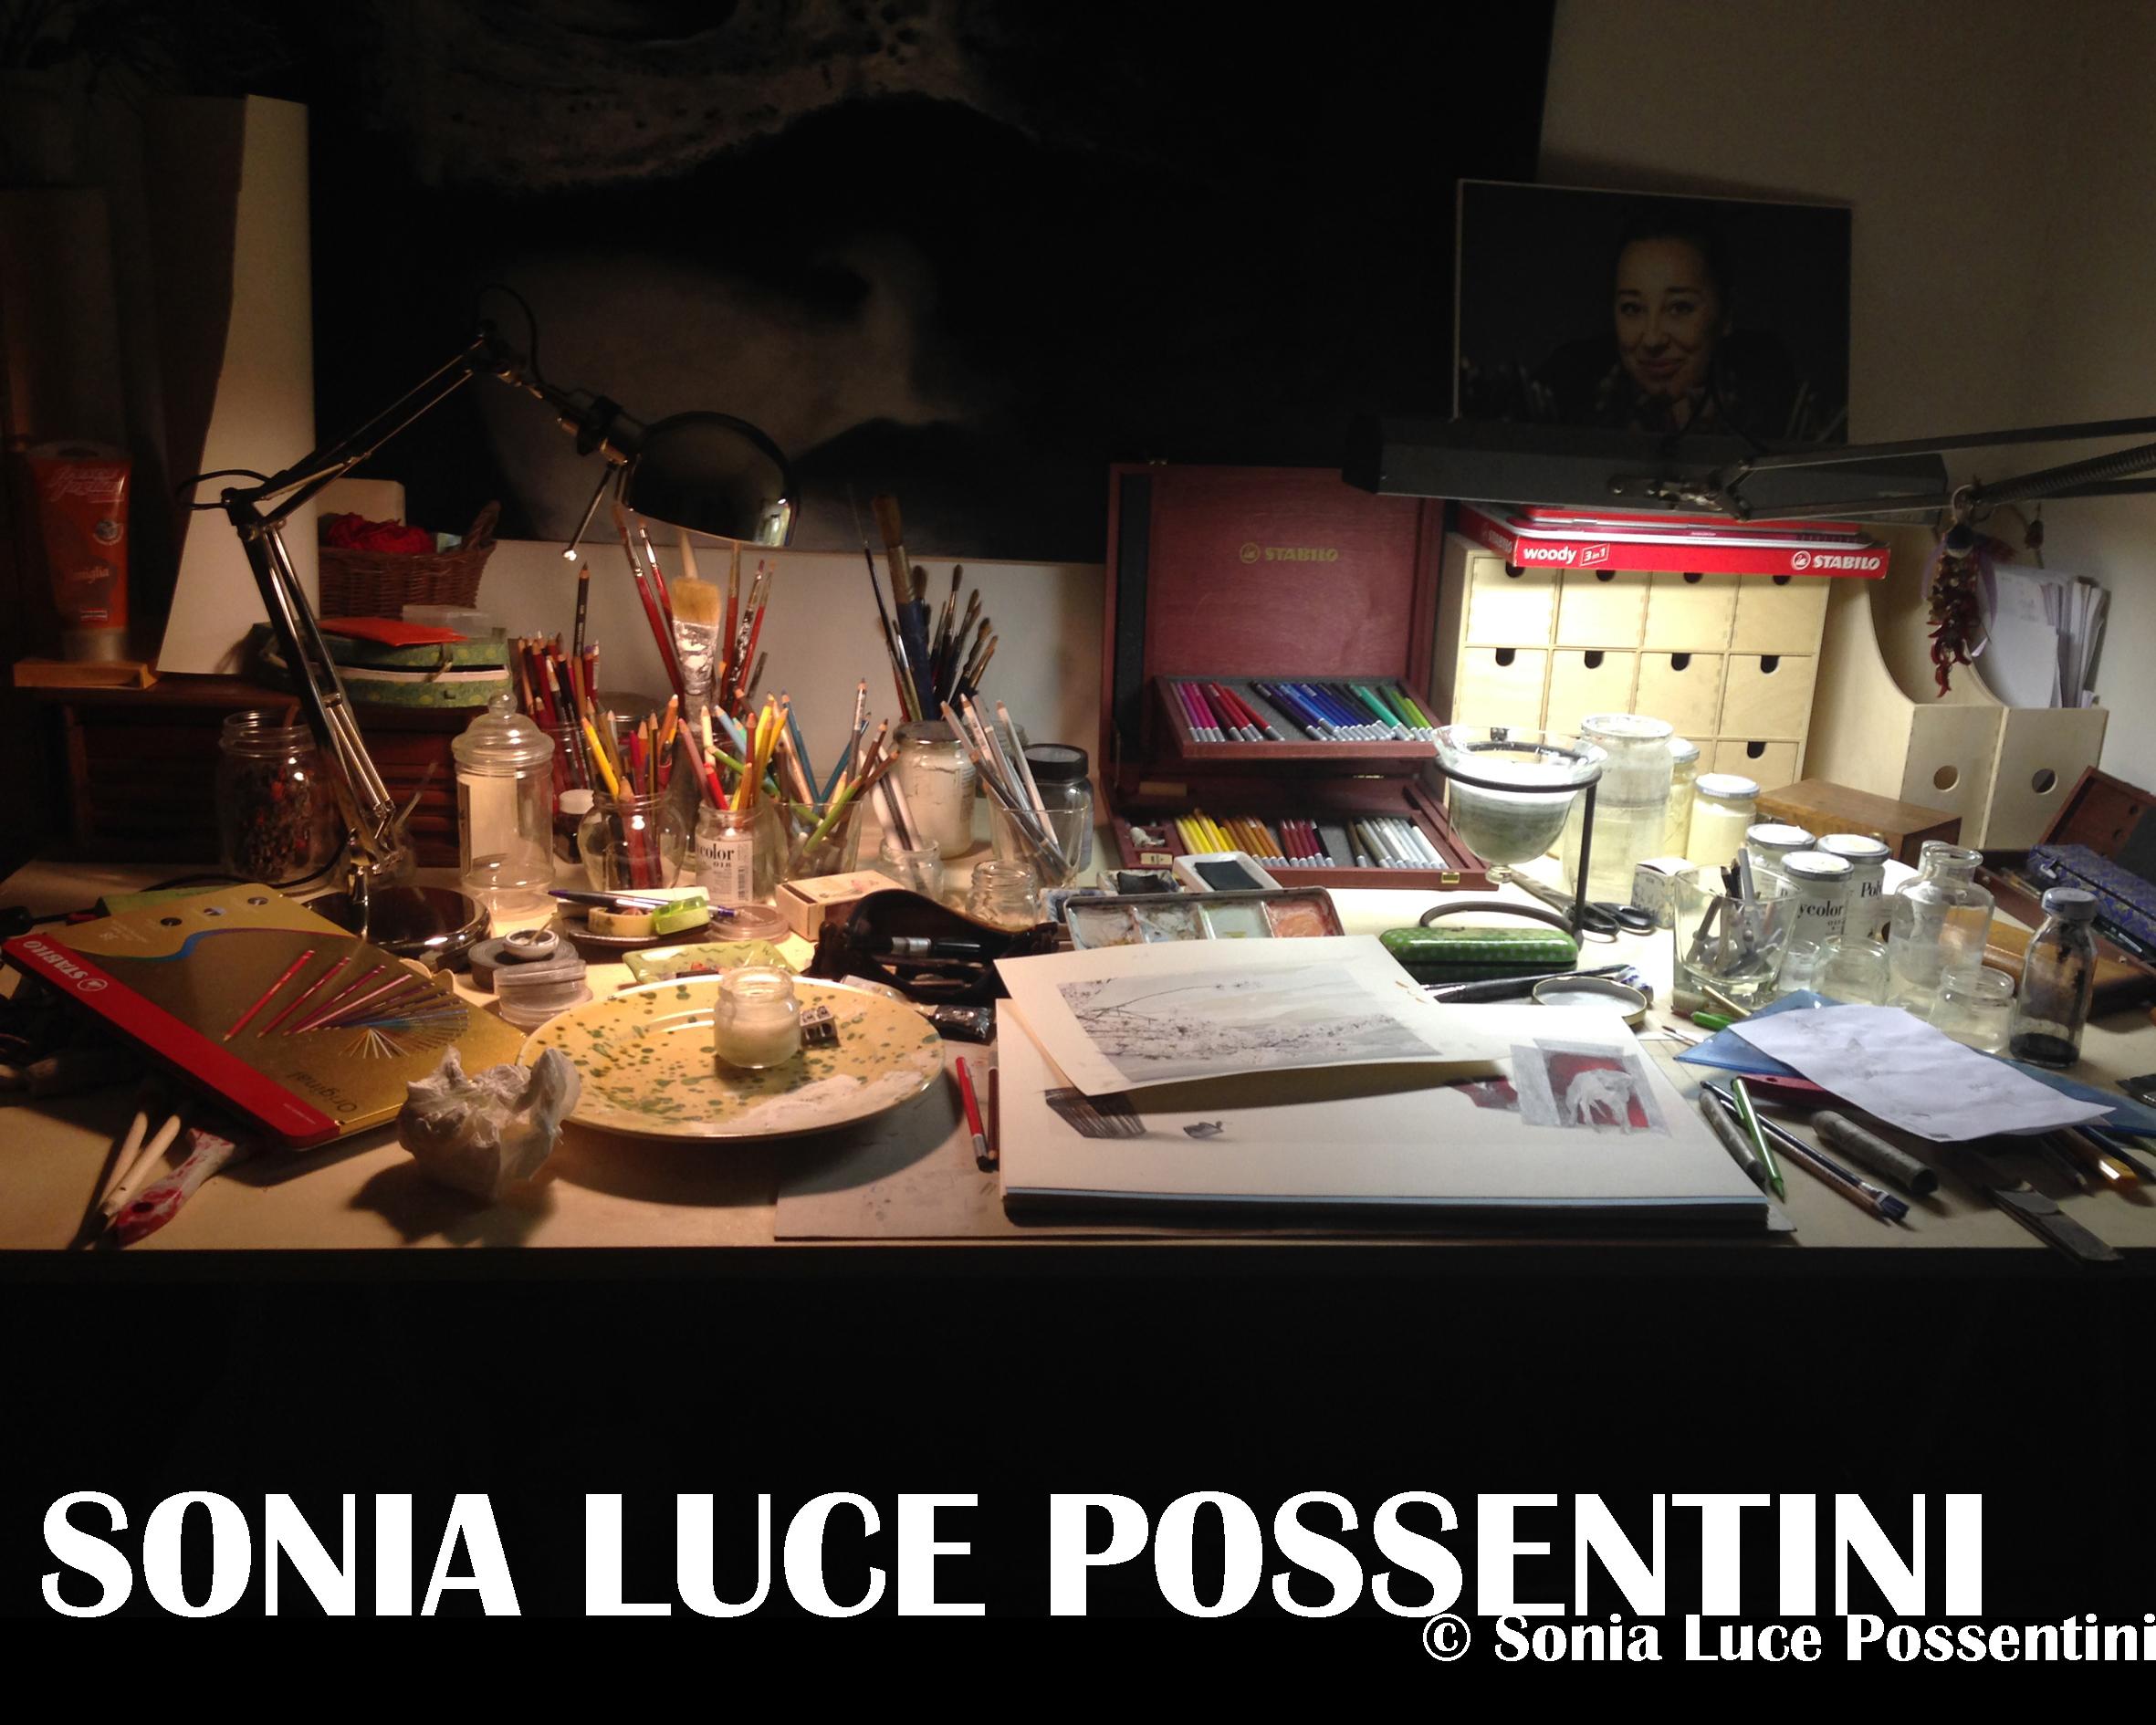 Sonia Luce Possentini